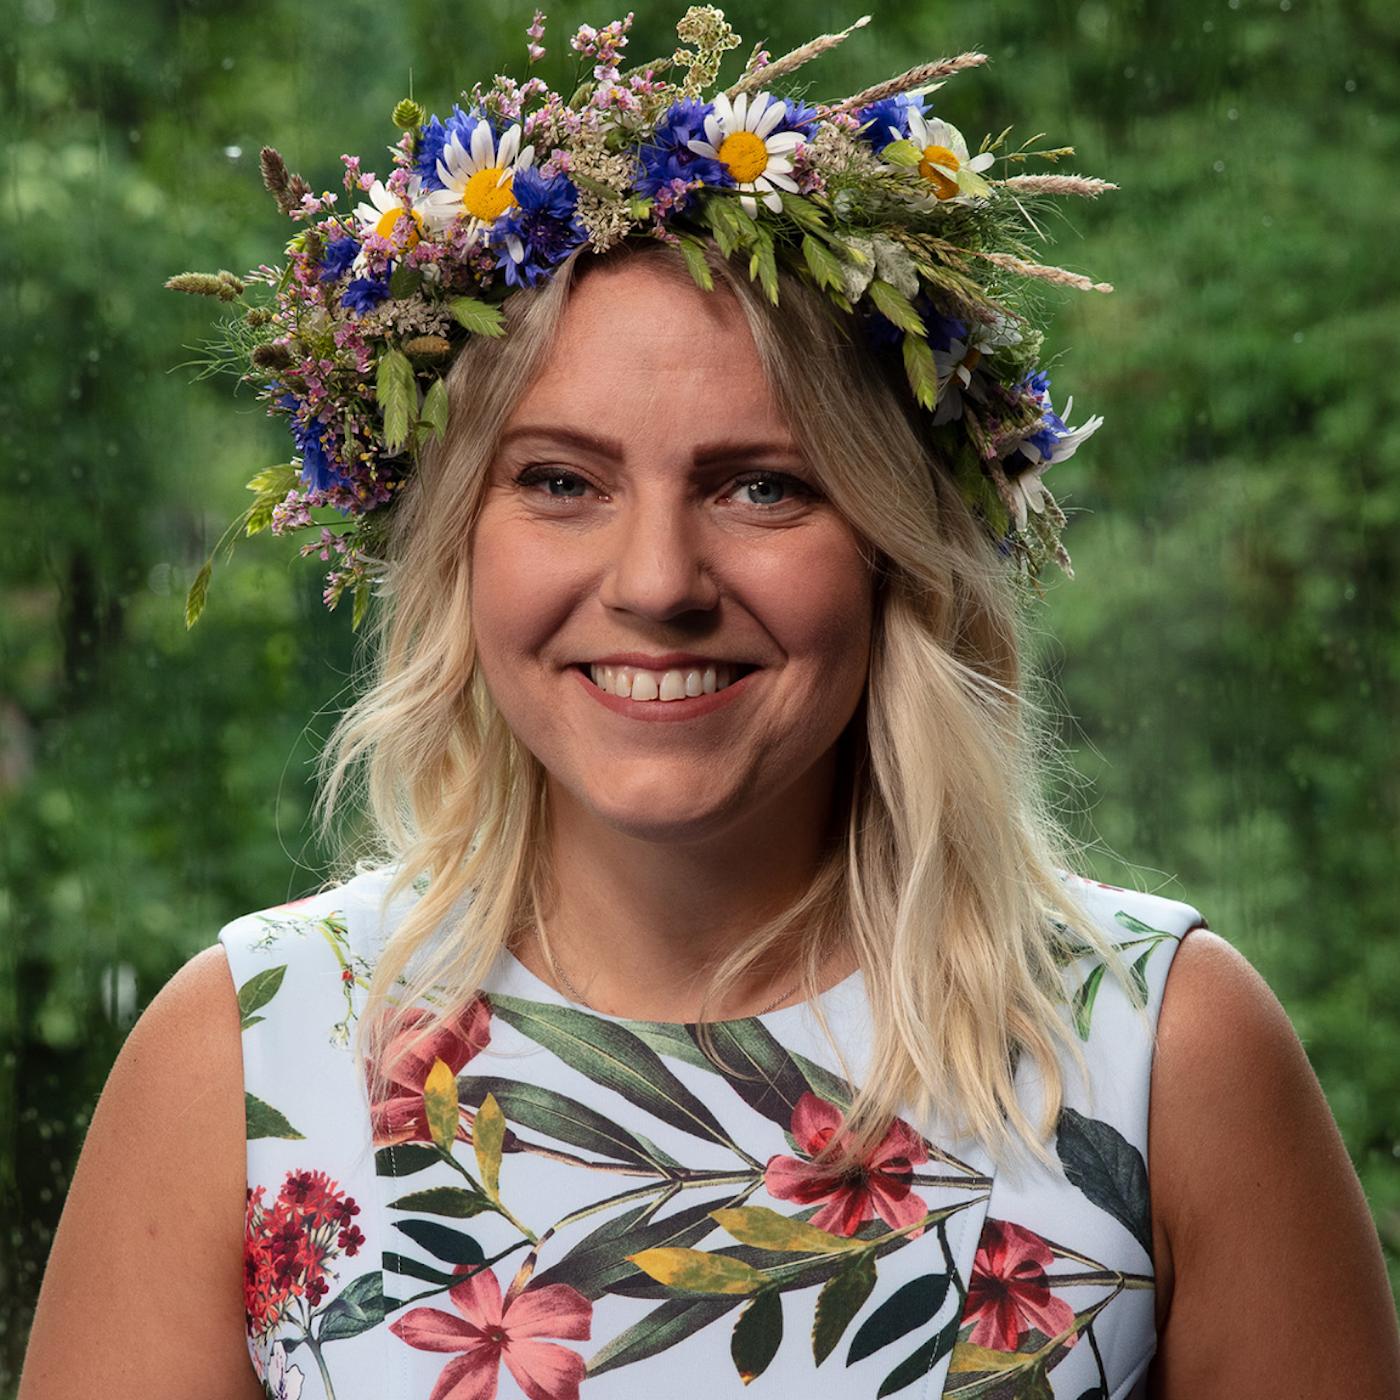 Carina Bergfeldt Sommar Vinter I P1 Podcast Podtail